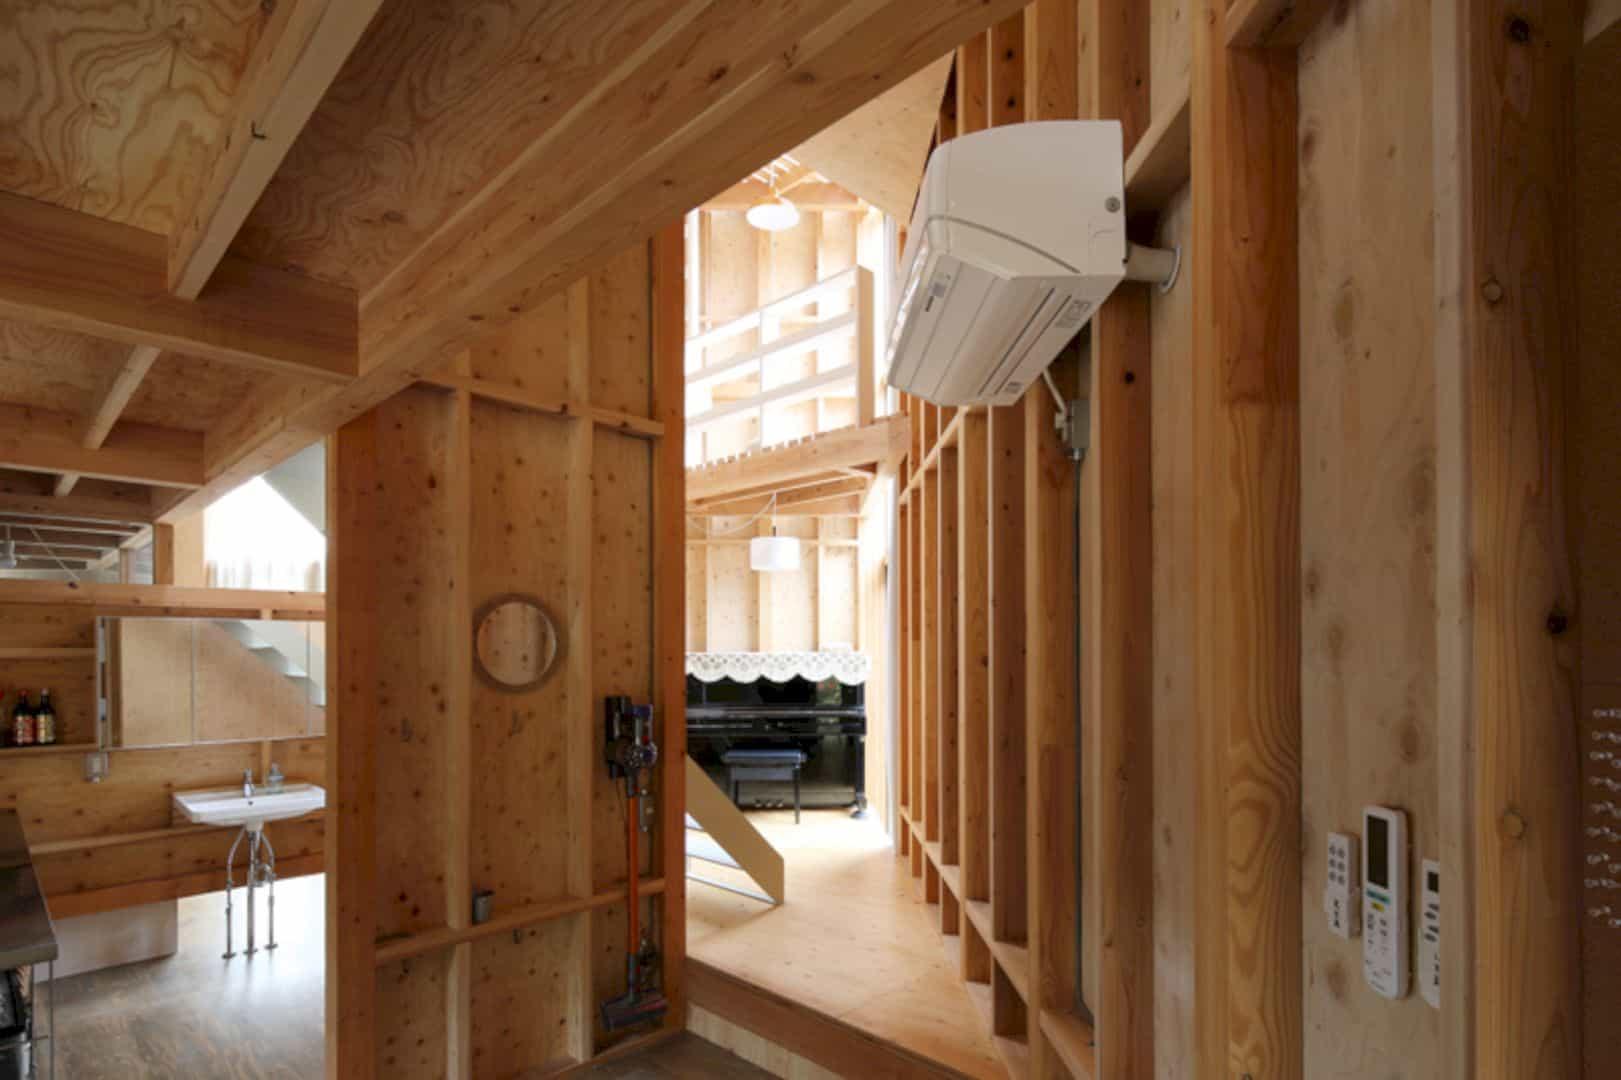 Strip House By Kochi ArchitectsStudio 1